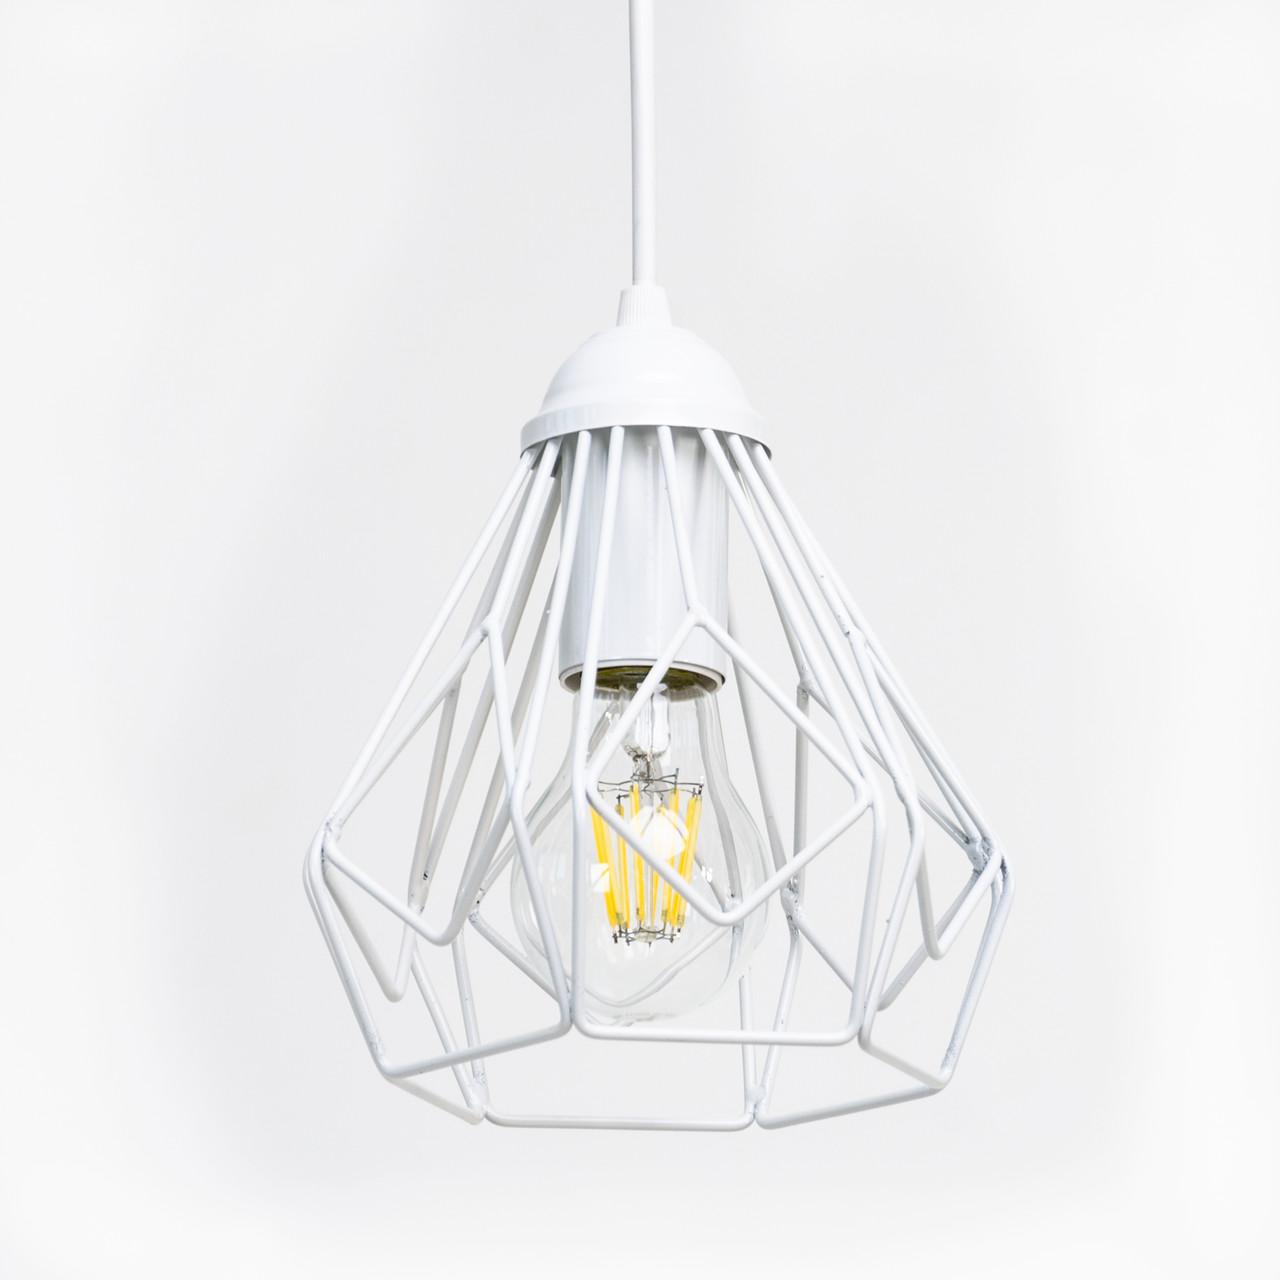 Потолочный подвесной светильник Atma Light серии Bevel P165 White